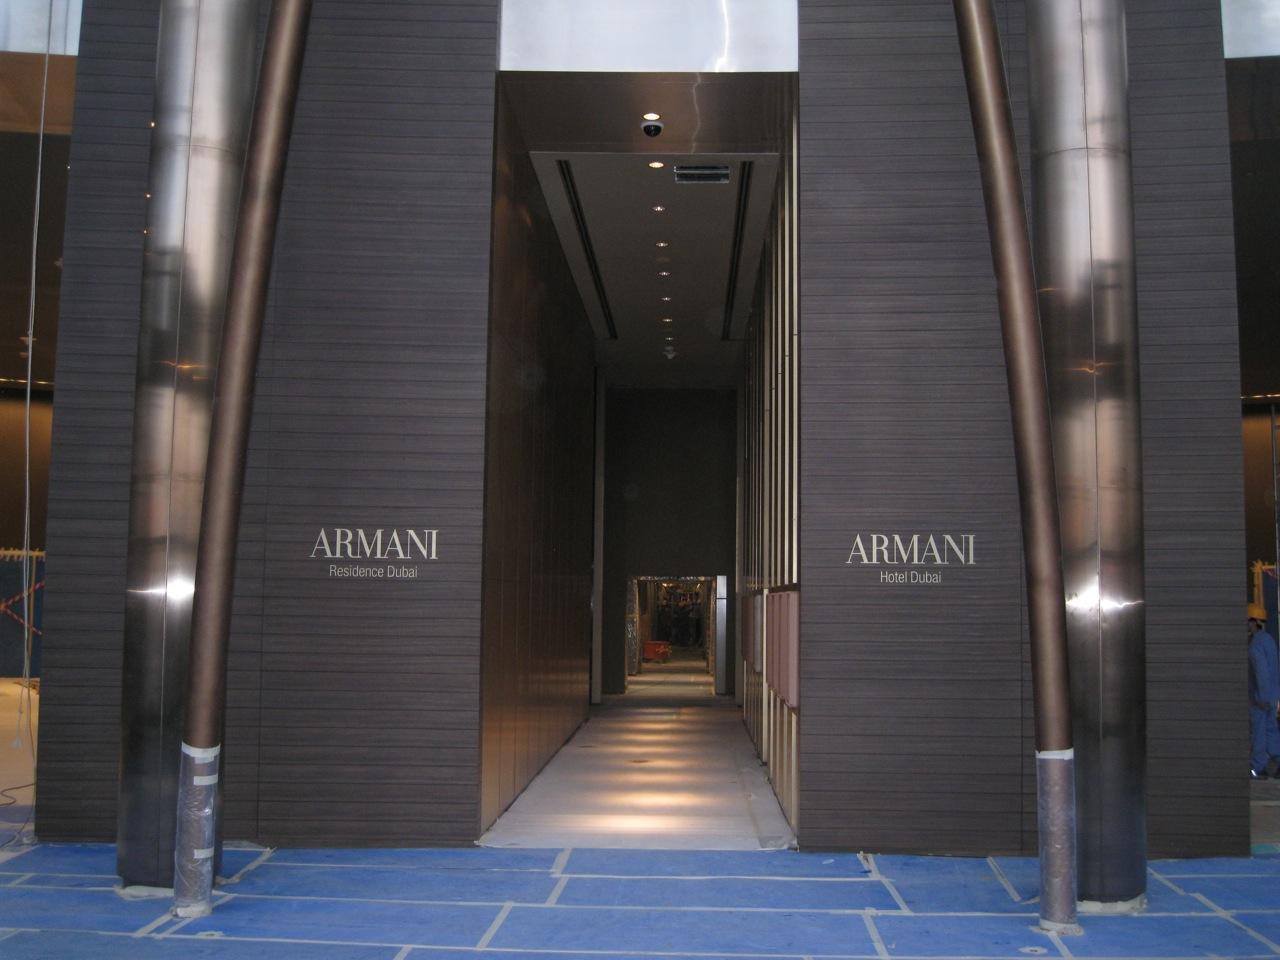 Hoteloscopy armani hotel dubai for Armani hotel dubai